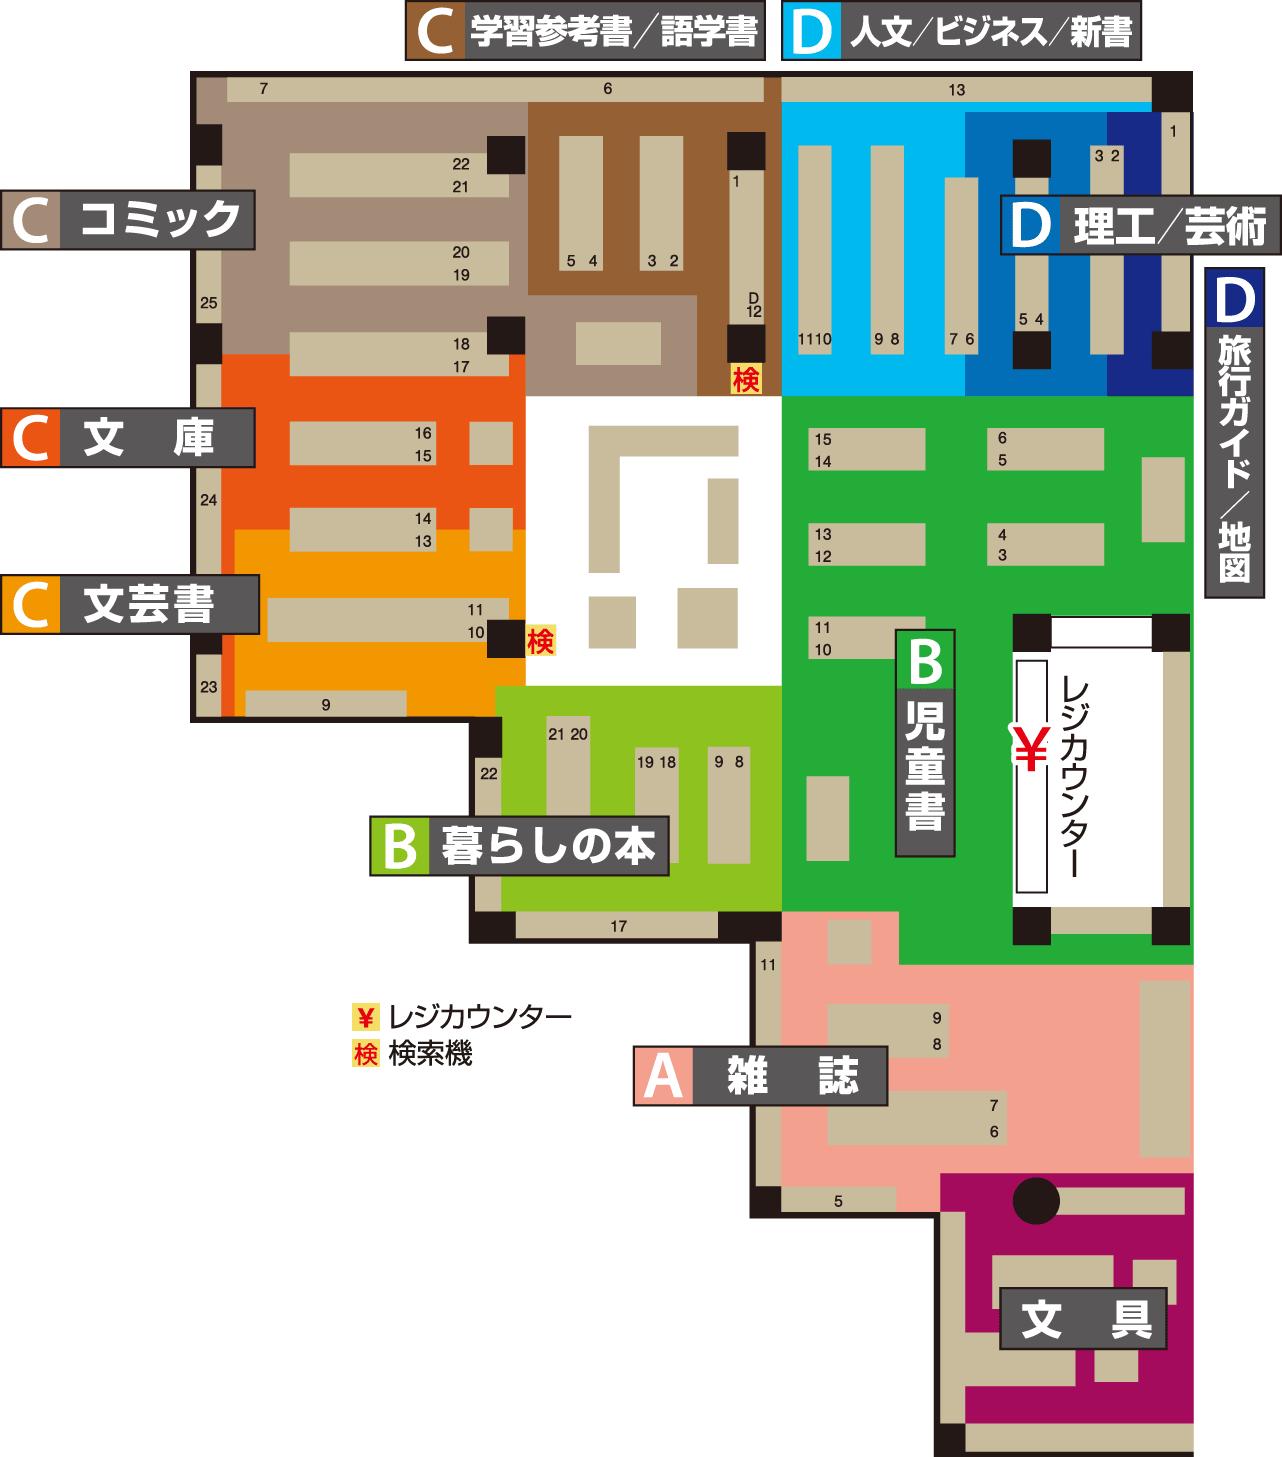 トレッサ横浜店フロアマップ